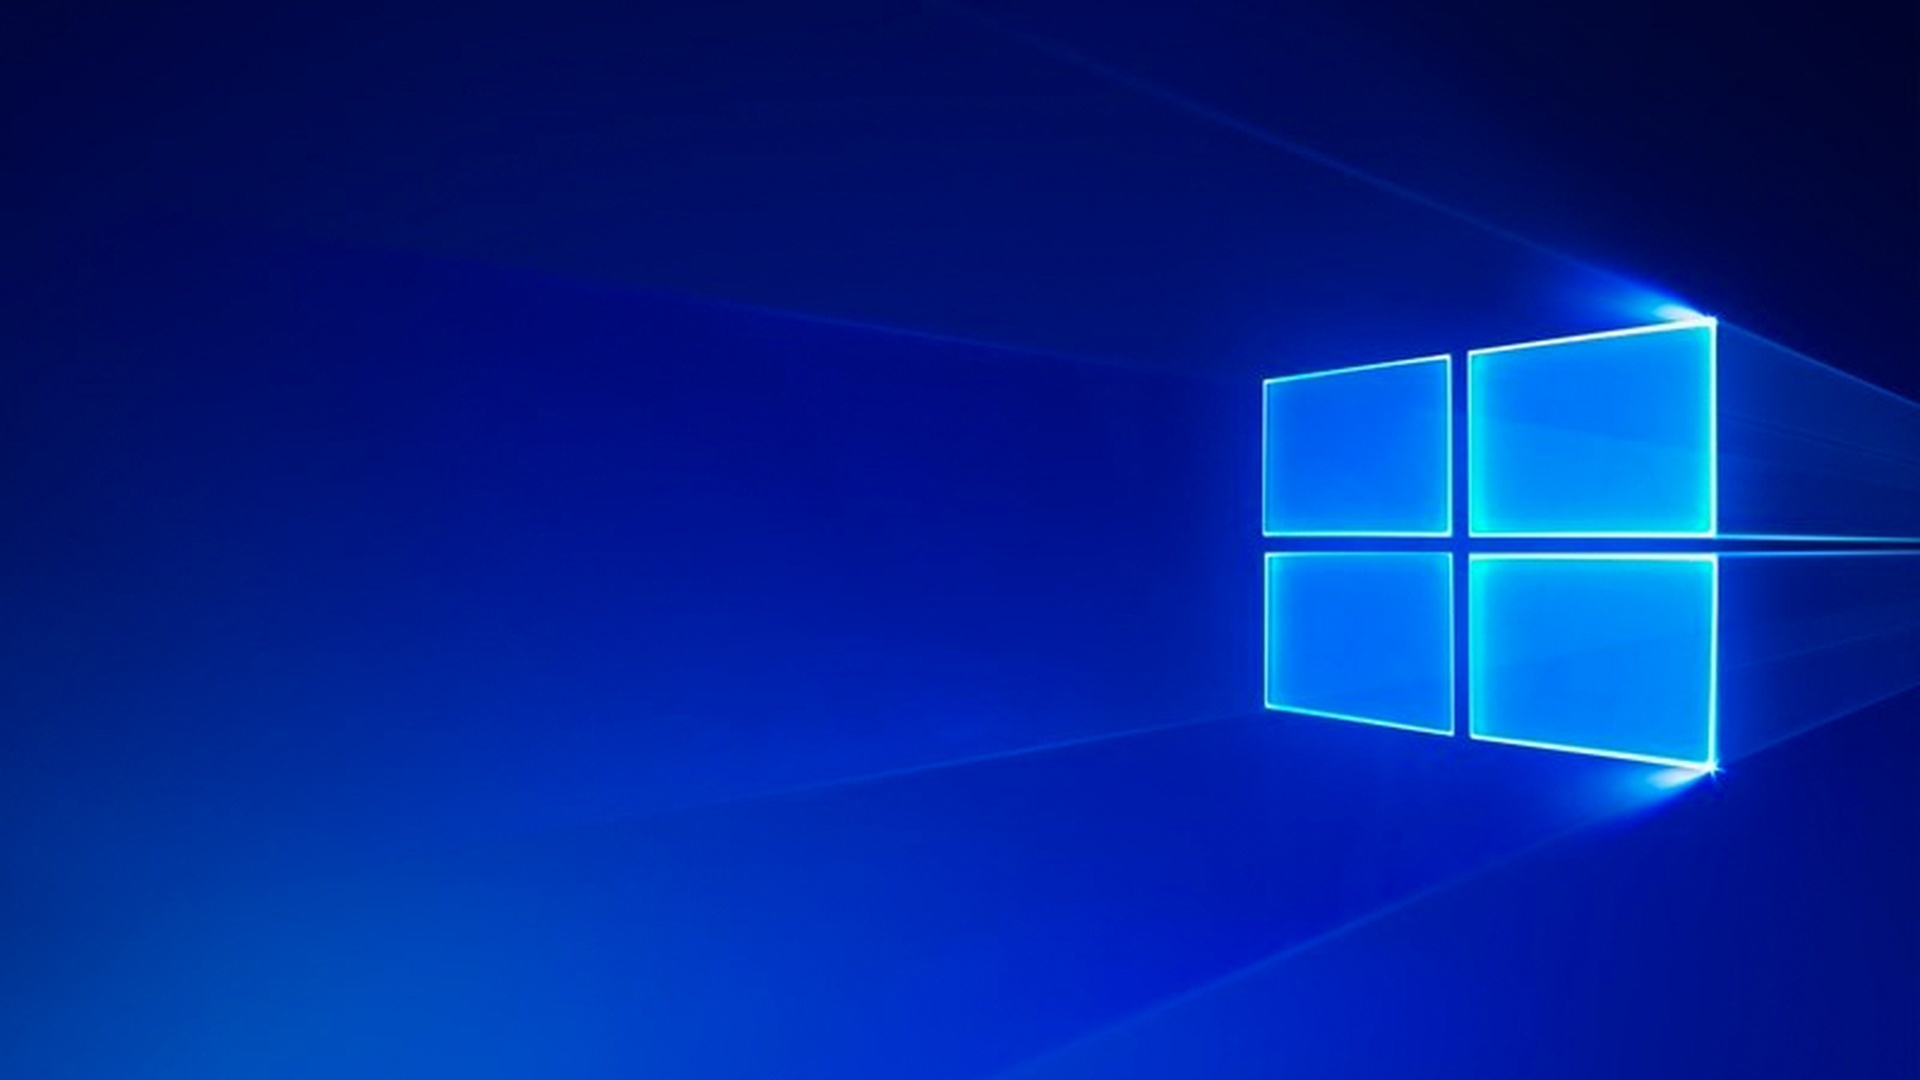 В Windows 10 снова «сломали» меню «Пуск»